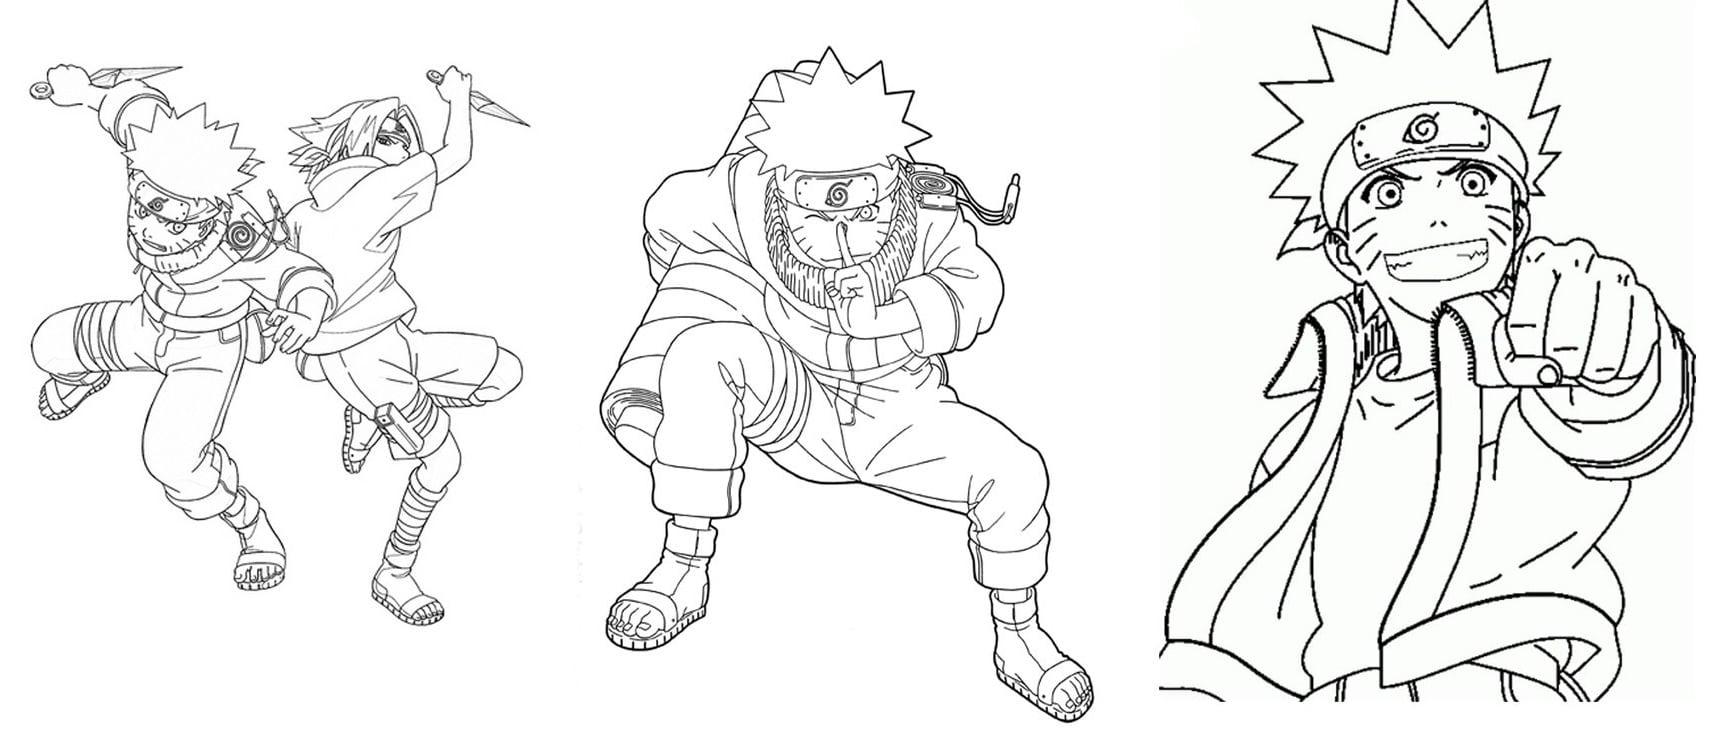 Imagens Para Colorir De Naruto: Desenho Para Imprimir Do Naruto